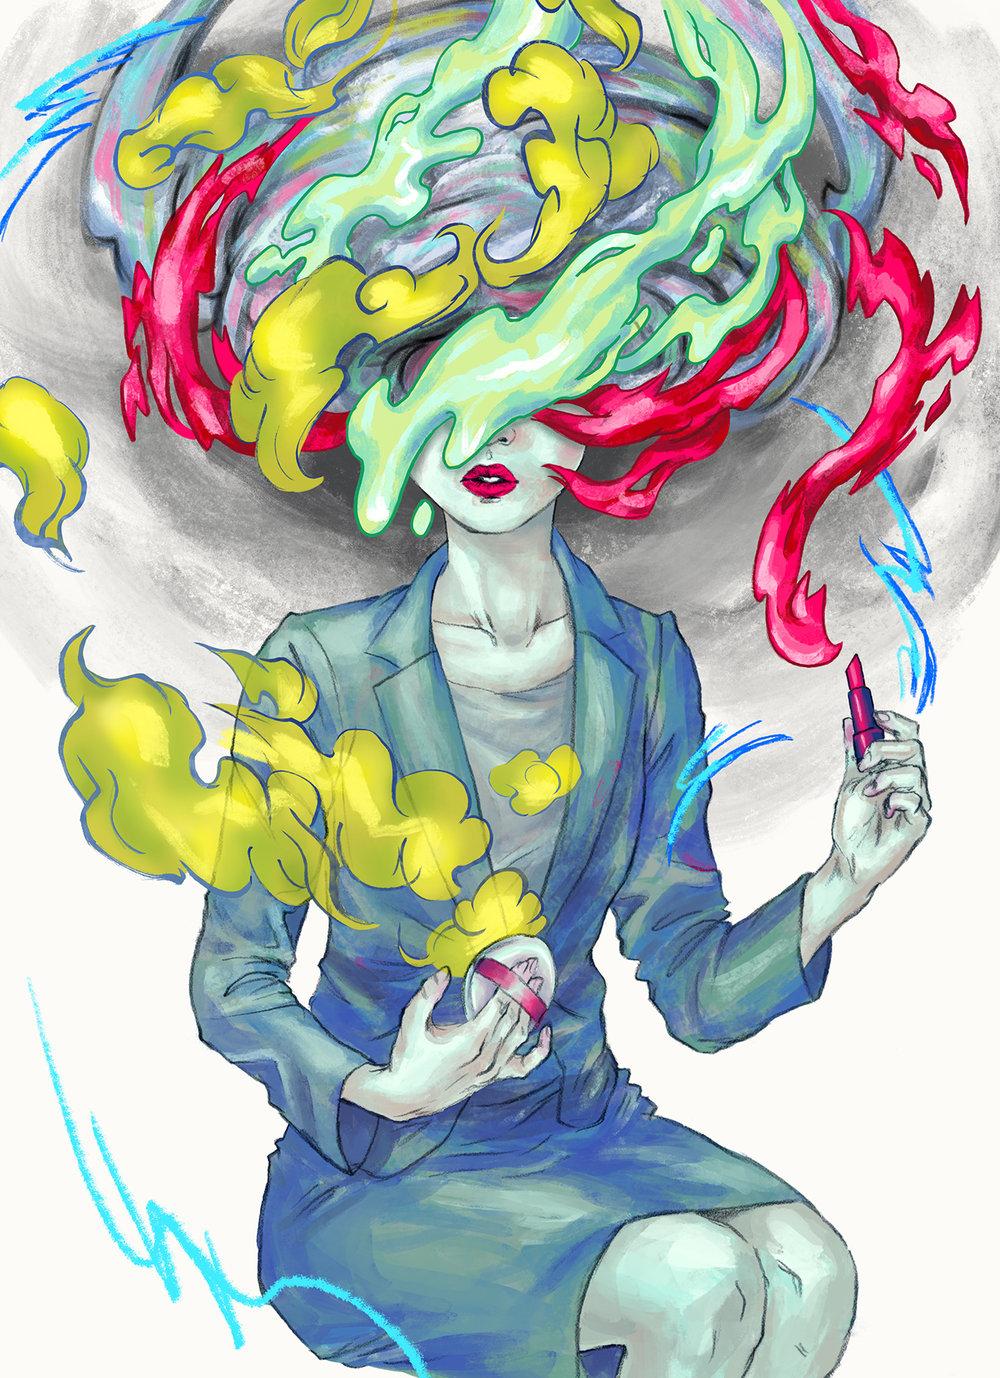 finaledit-swirl2_72.jpg